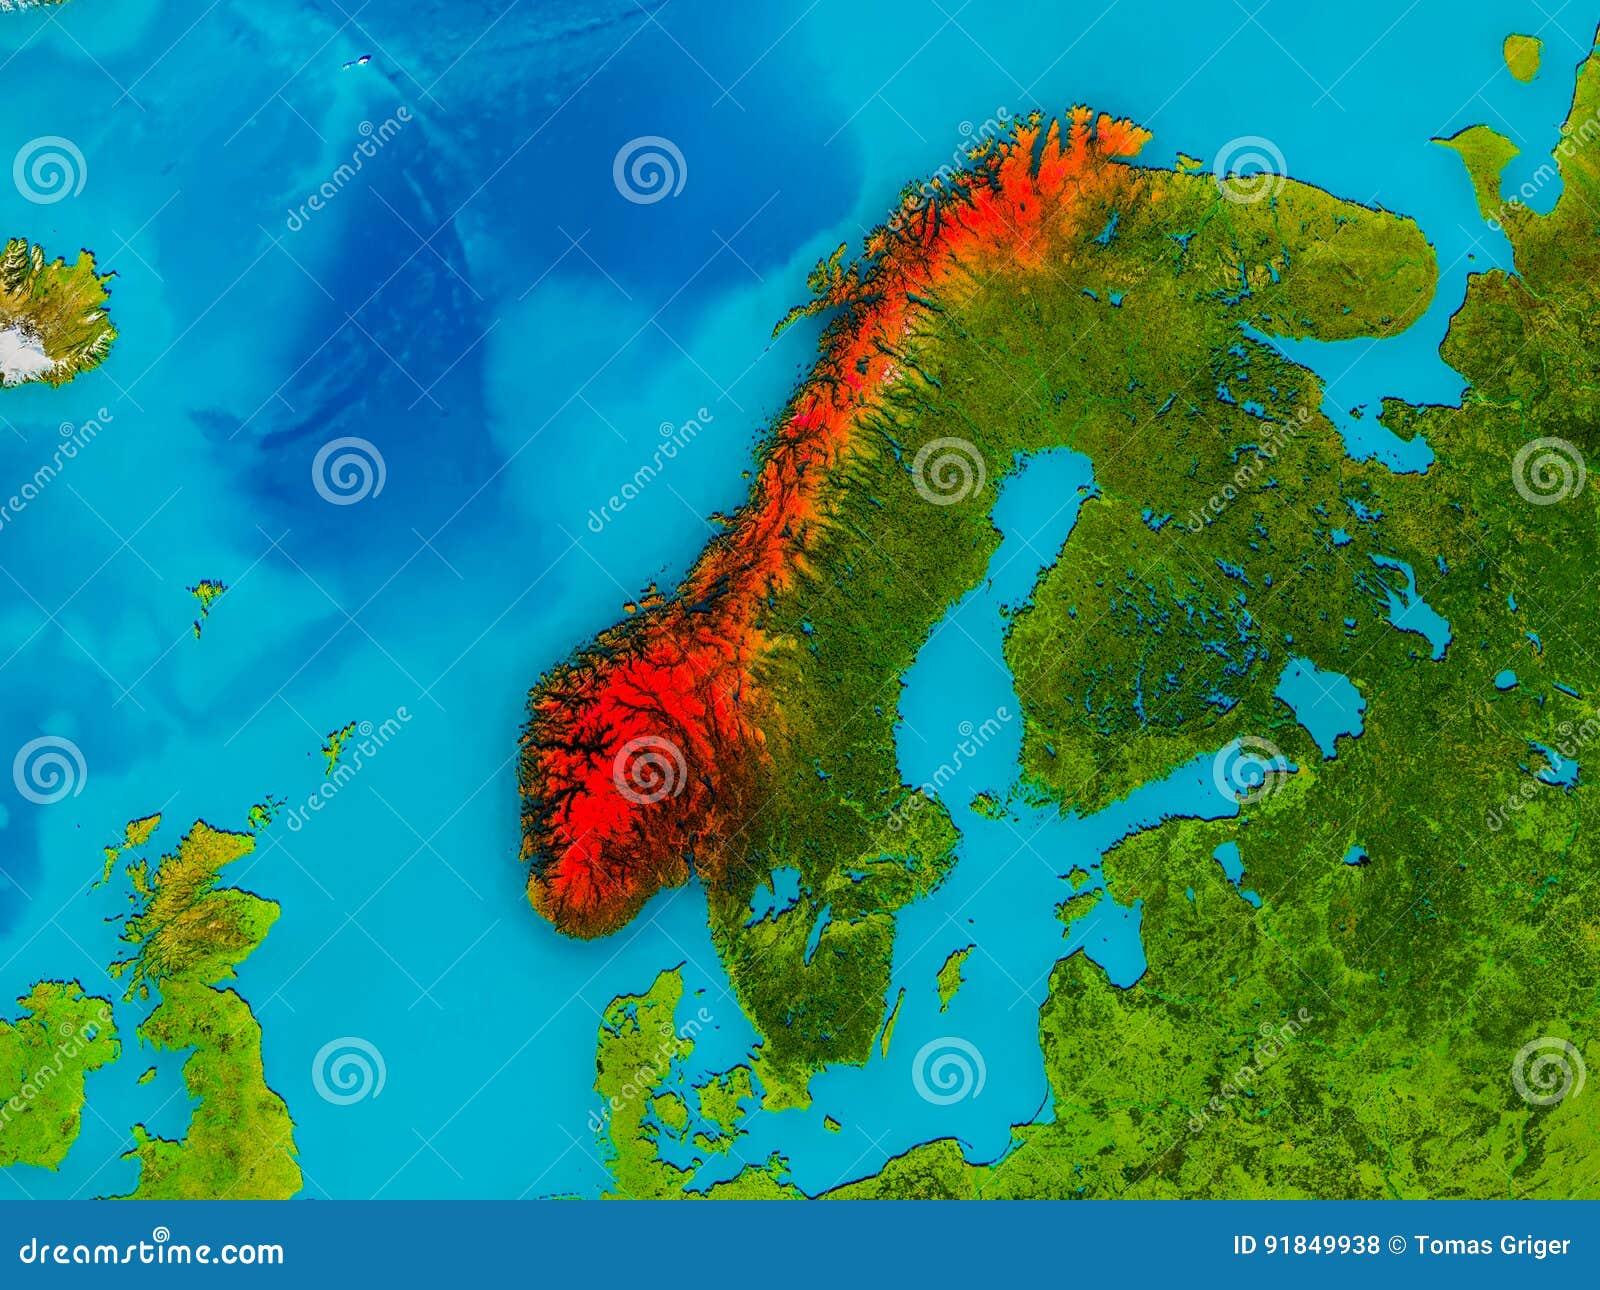 Cartina Fisica Della Norvegia.La Norvegia Sulla Mappa Fisica Illustrazione Di Stock Illustrazione Di Evidenziato Terra 91849938